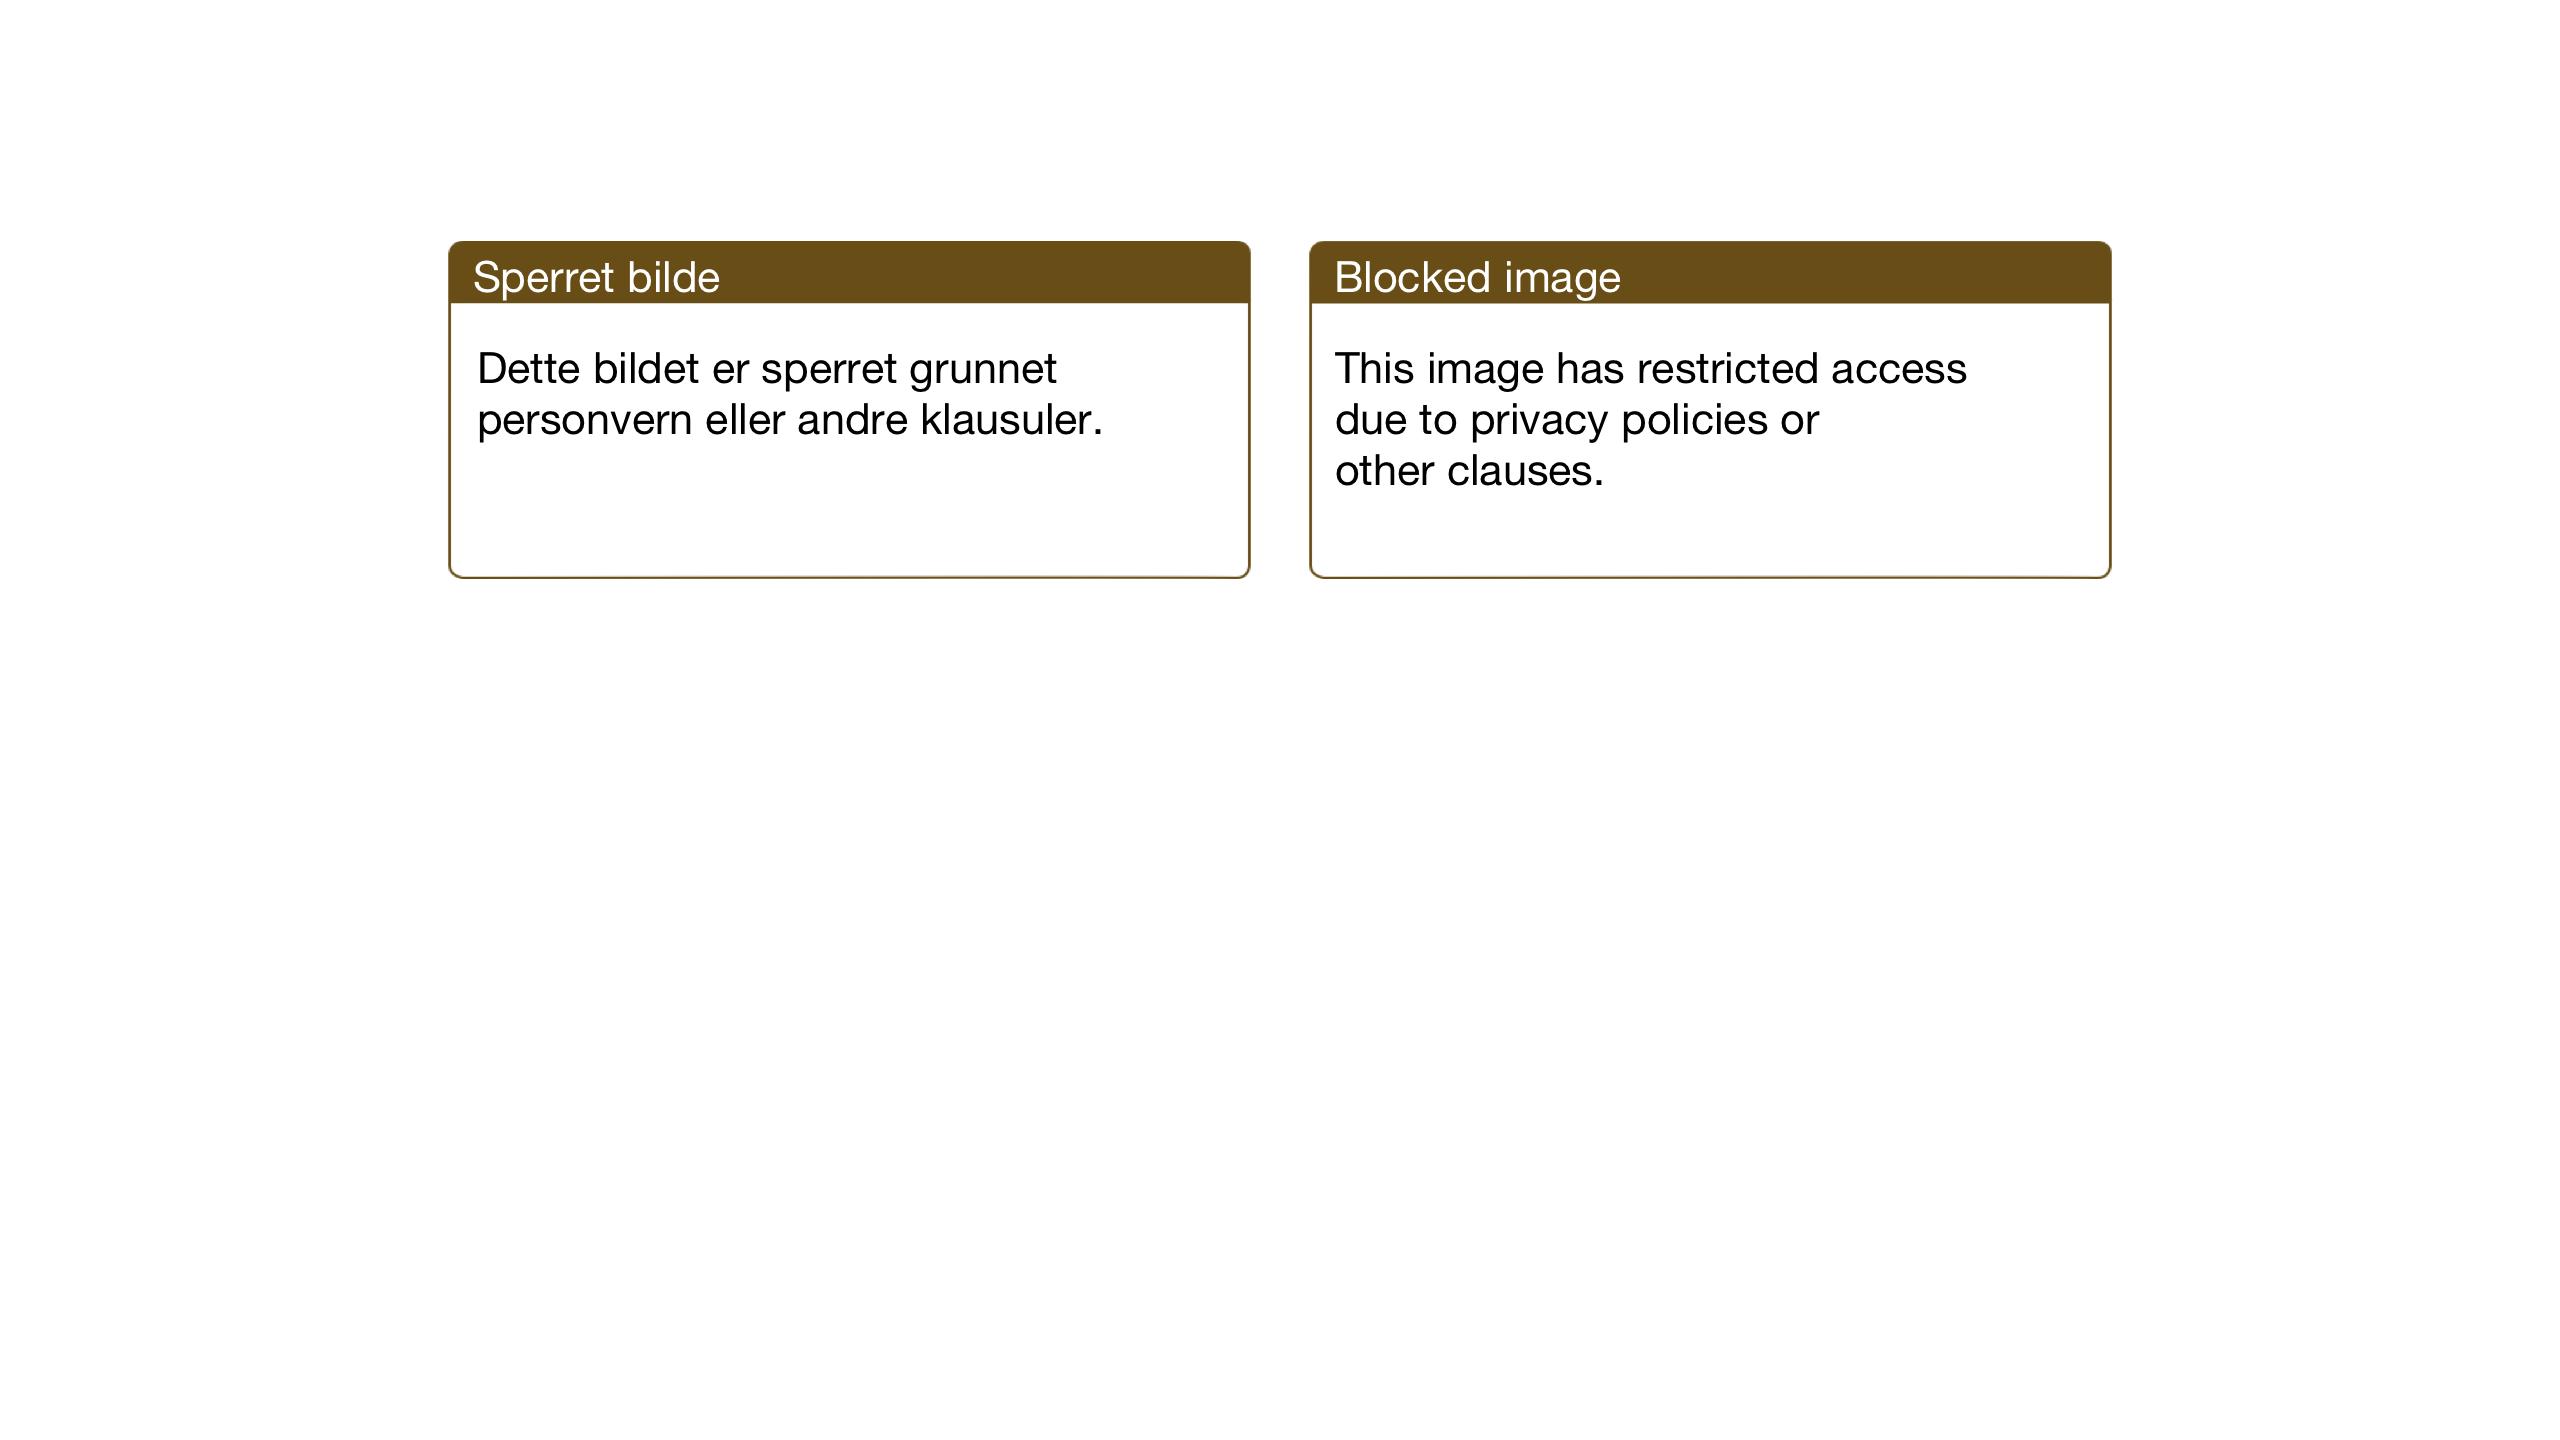 SAT, Ministerialprotokoller, klokkerbøker og fødselsregistre - Nord-Trøndelag, 714/L0136: Klokkerbok nr. 714C05, 1918-1957, s. 159